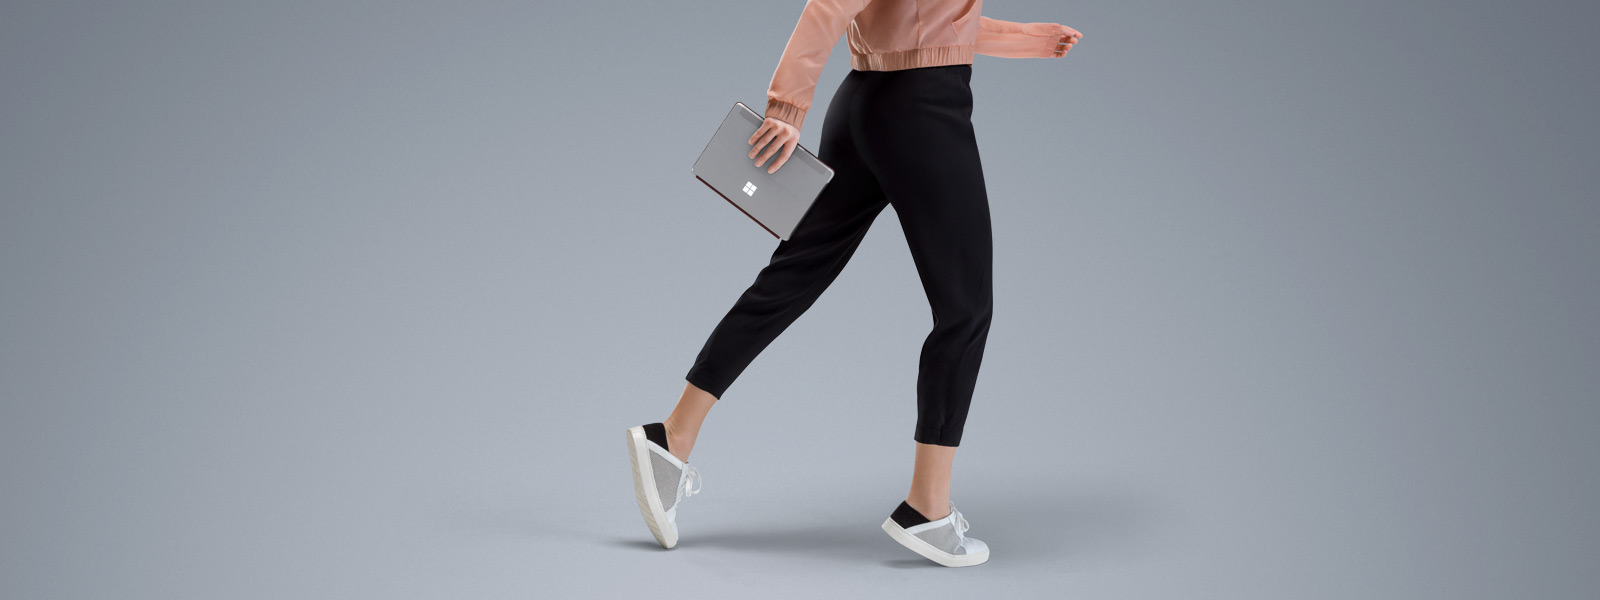 Surface Go in der Hand eines Mädchens, das geht